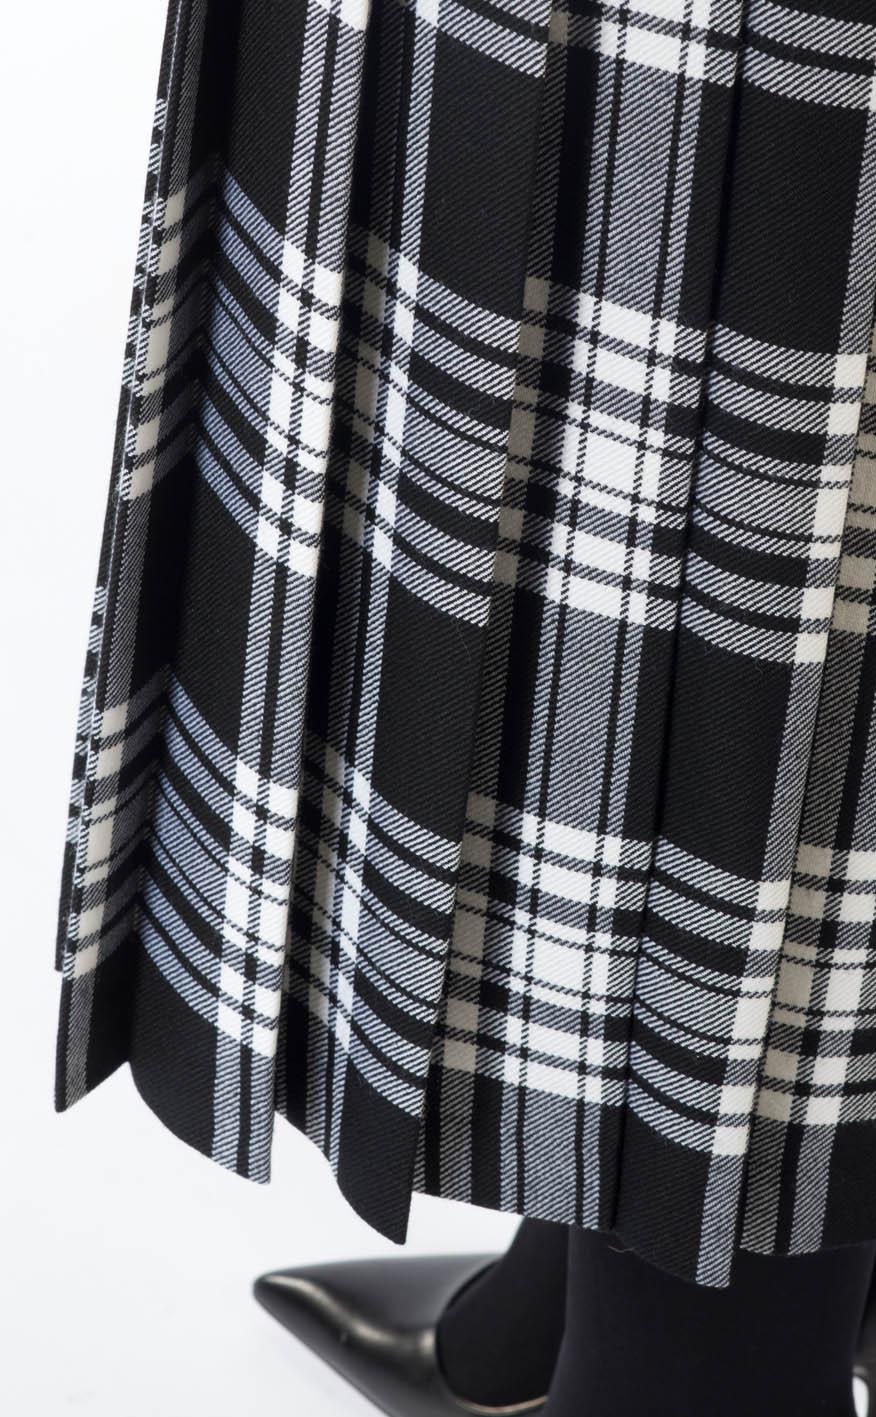 8b109c80ff6ddd All-round Pleated Skirt, tartan by Scotweb